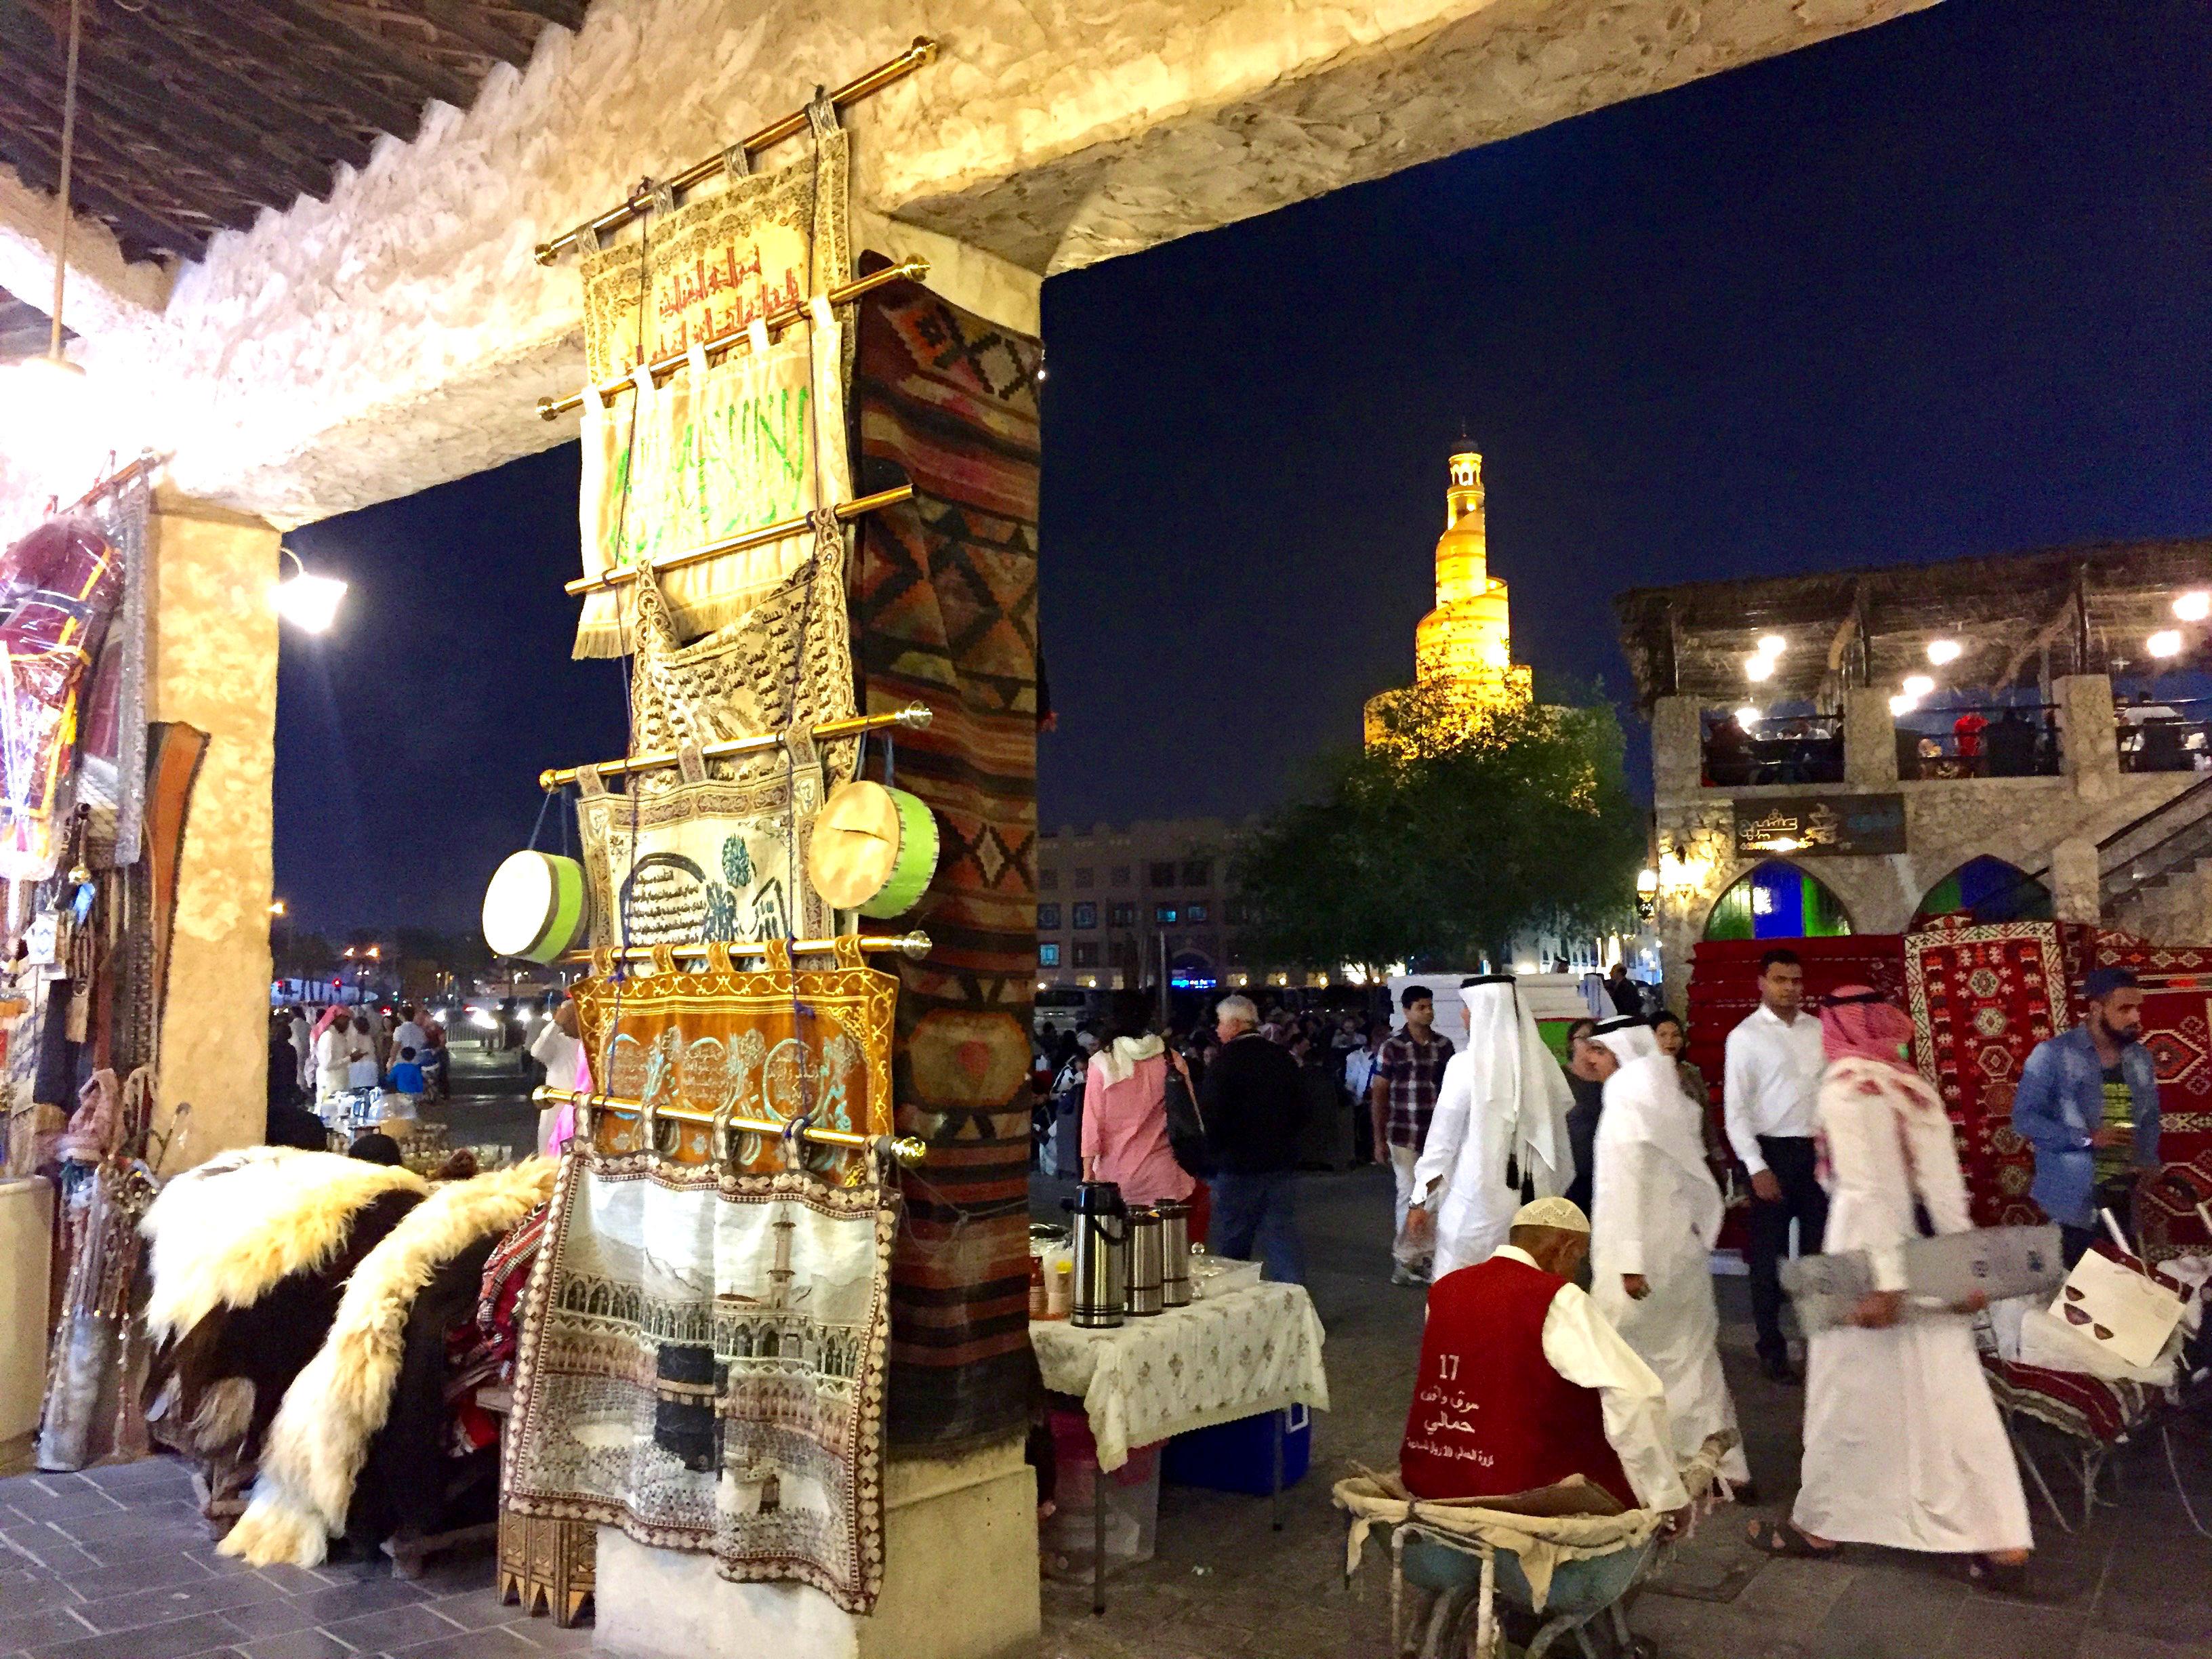 Souk Waqif, med det kremerhuslignende islamske kultursenteret i bakgrunnen.